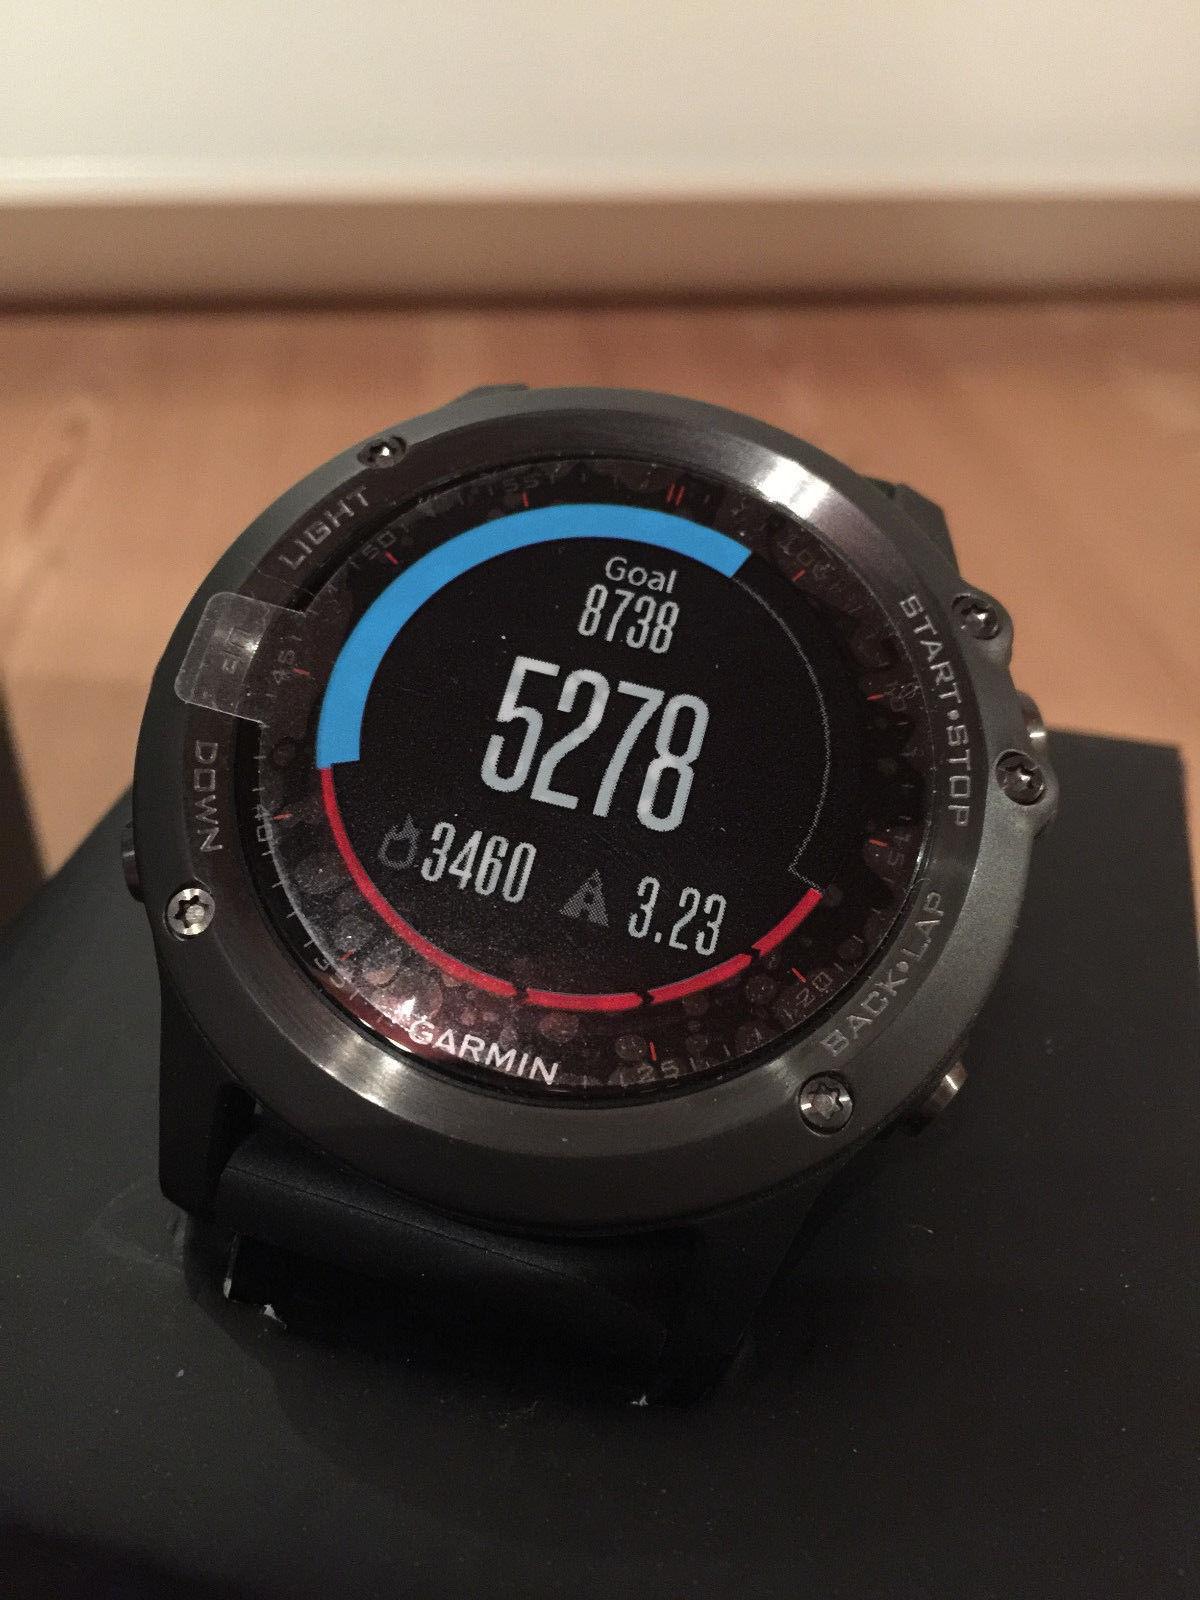 Garmin Fenix 3 GPS Fitness Laufen Schrittzähler Uhr Tracker Smart wie Neu OVP